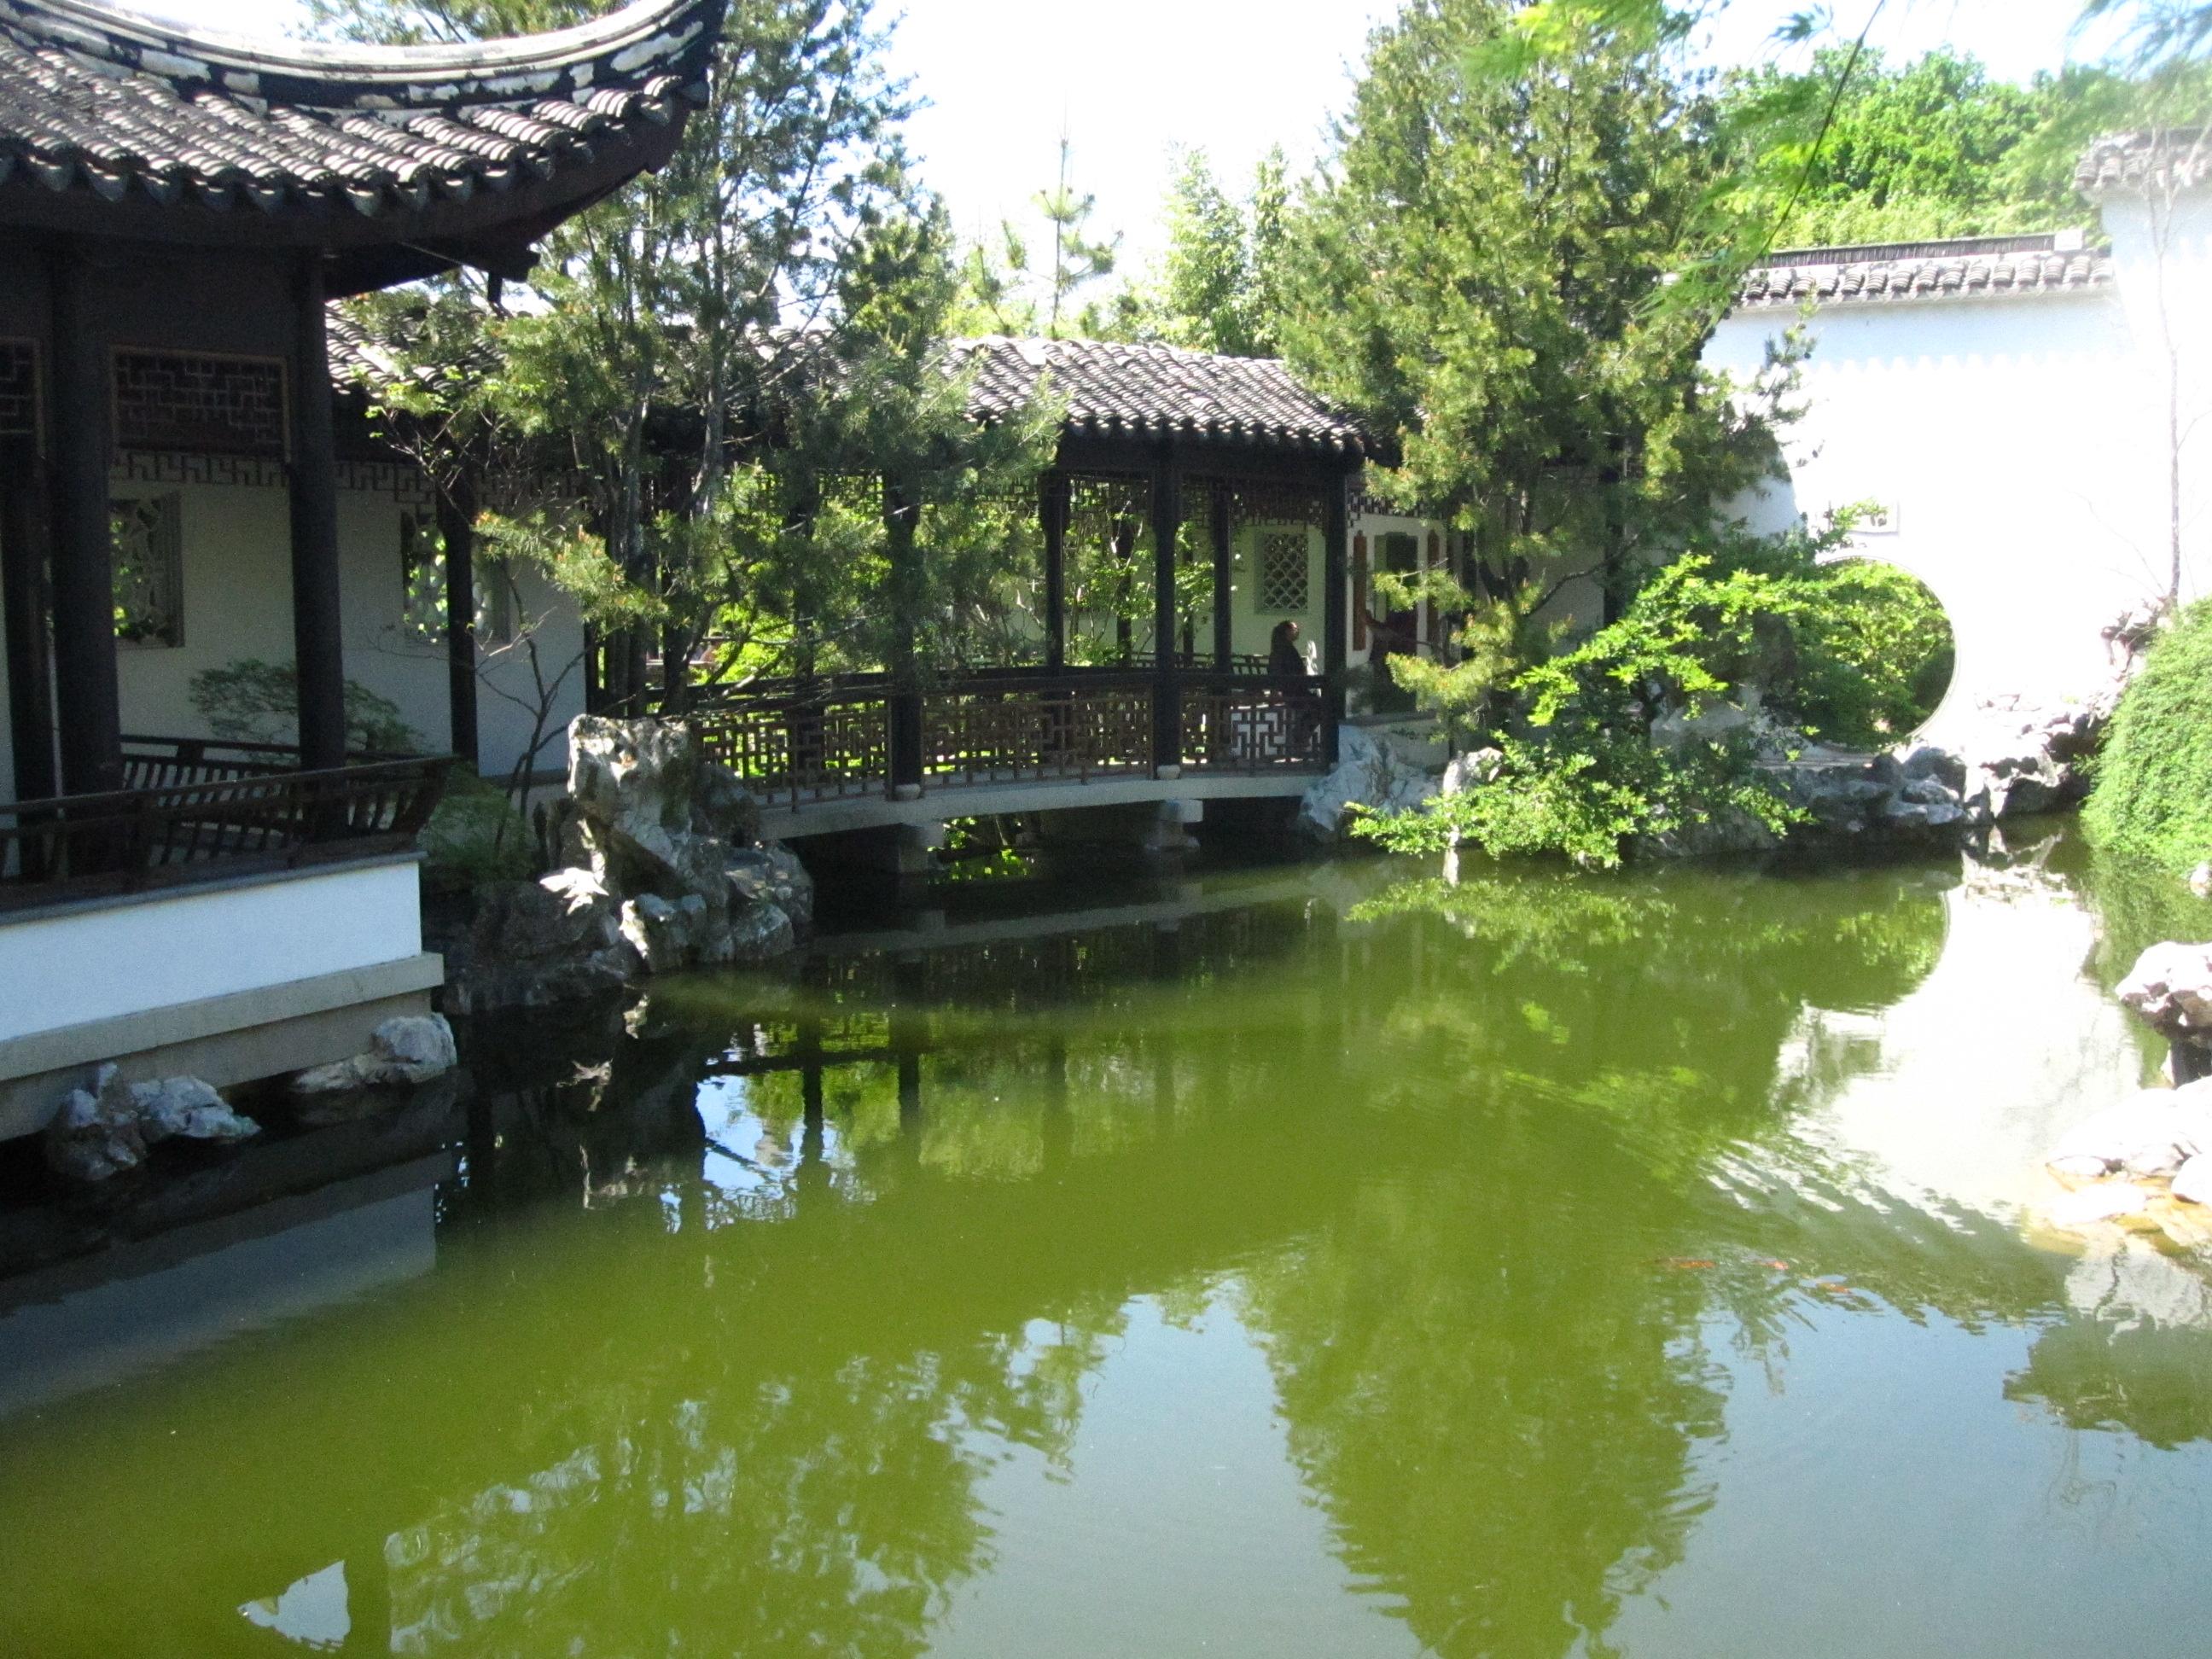 Chinese Scholar's Garden in Staten Island